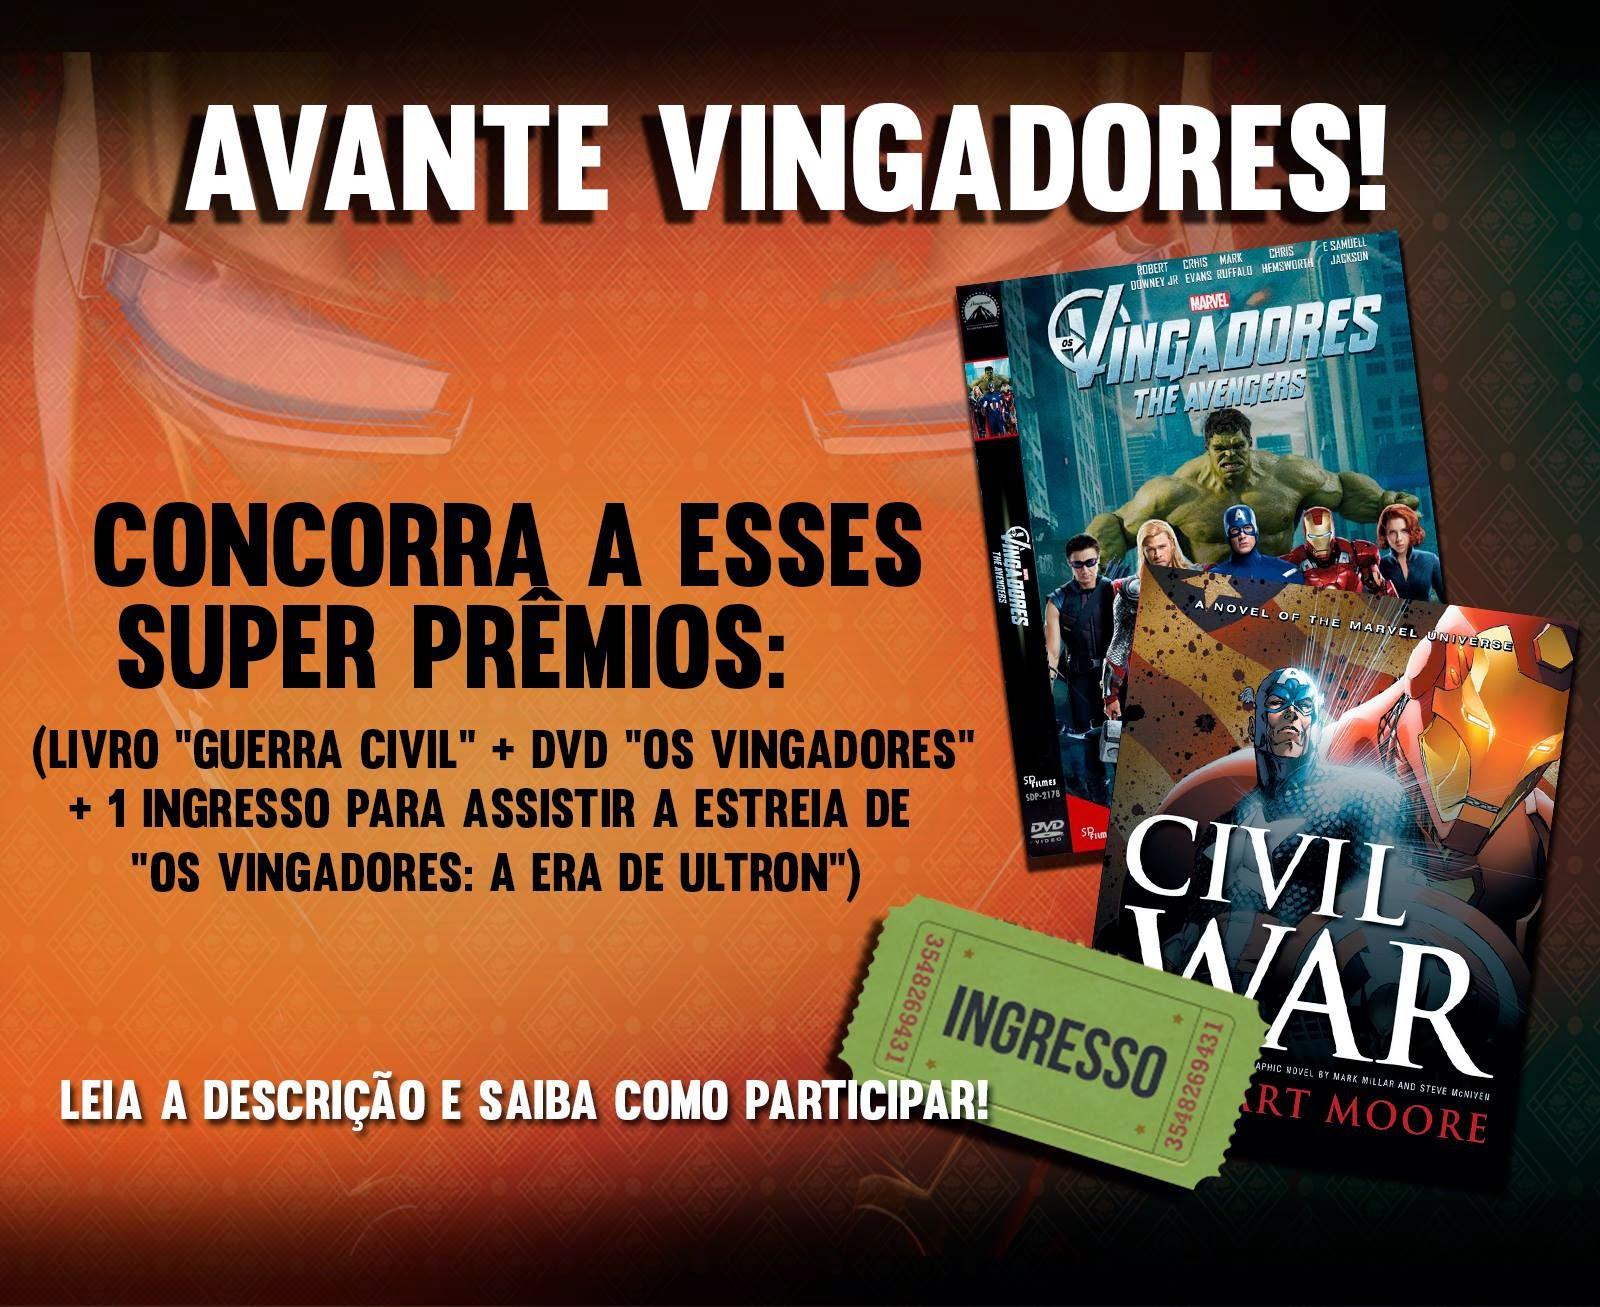 Promoção: Avante Vingadores